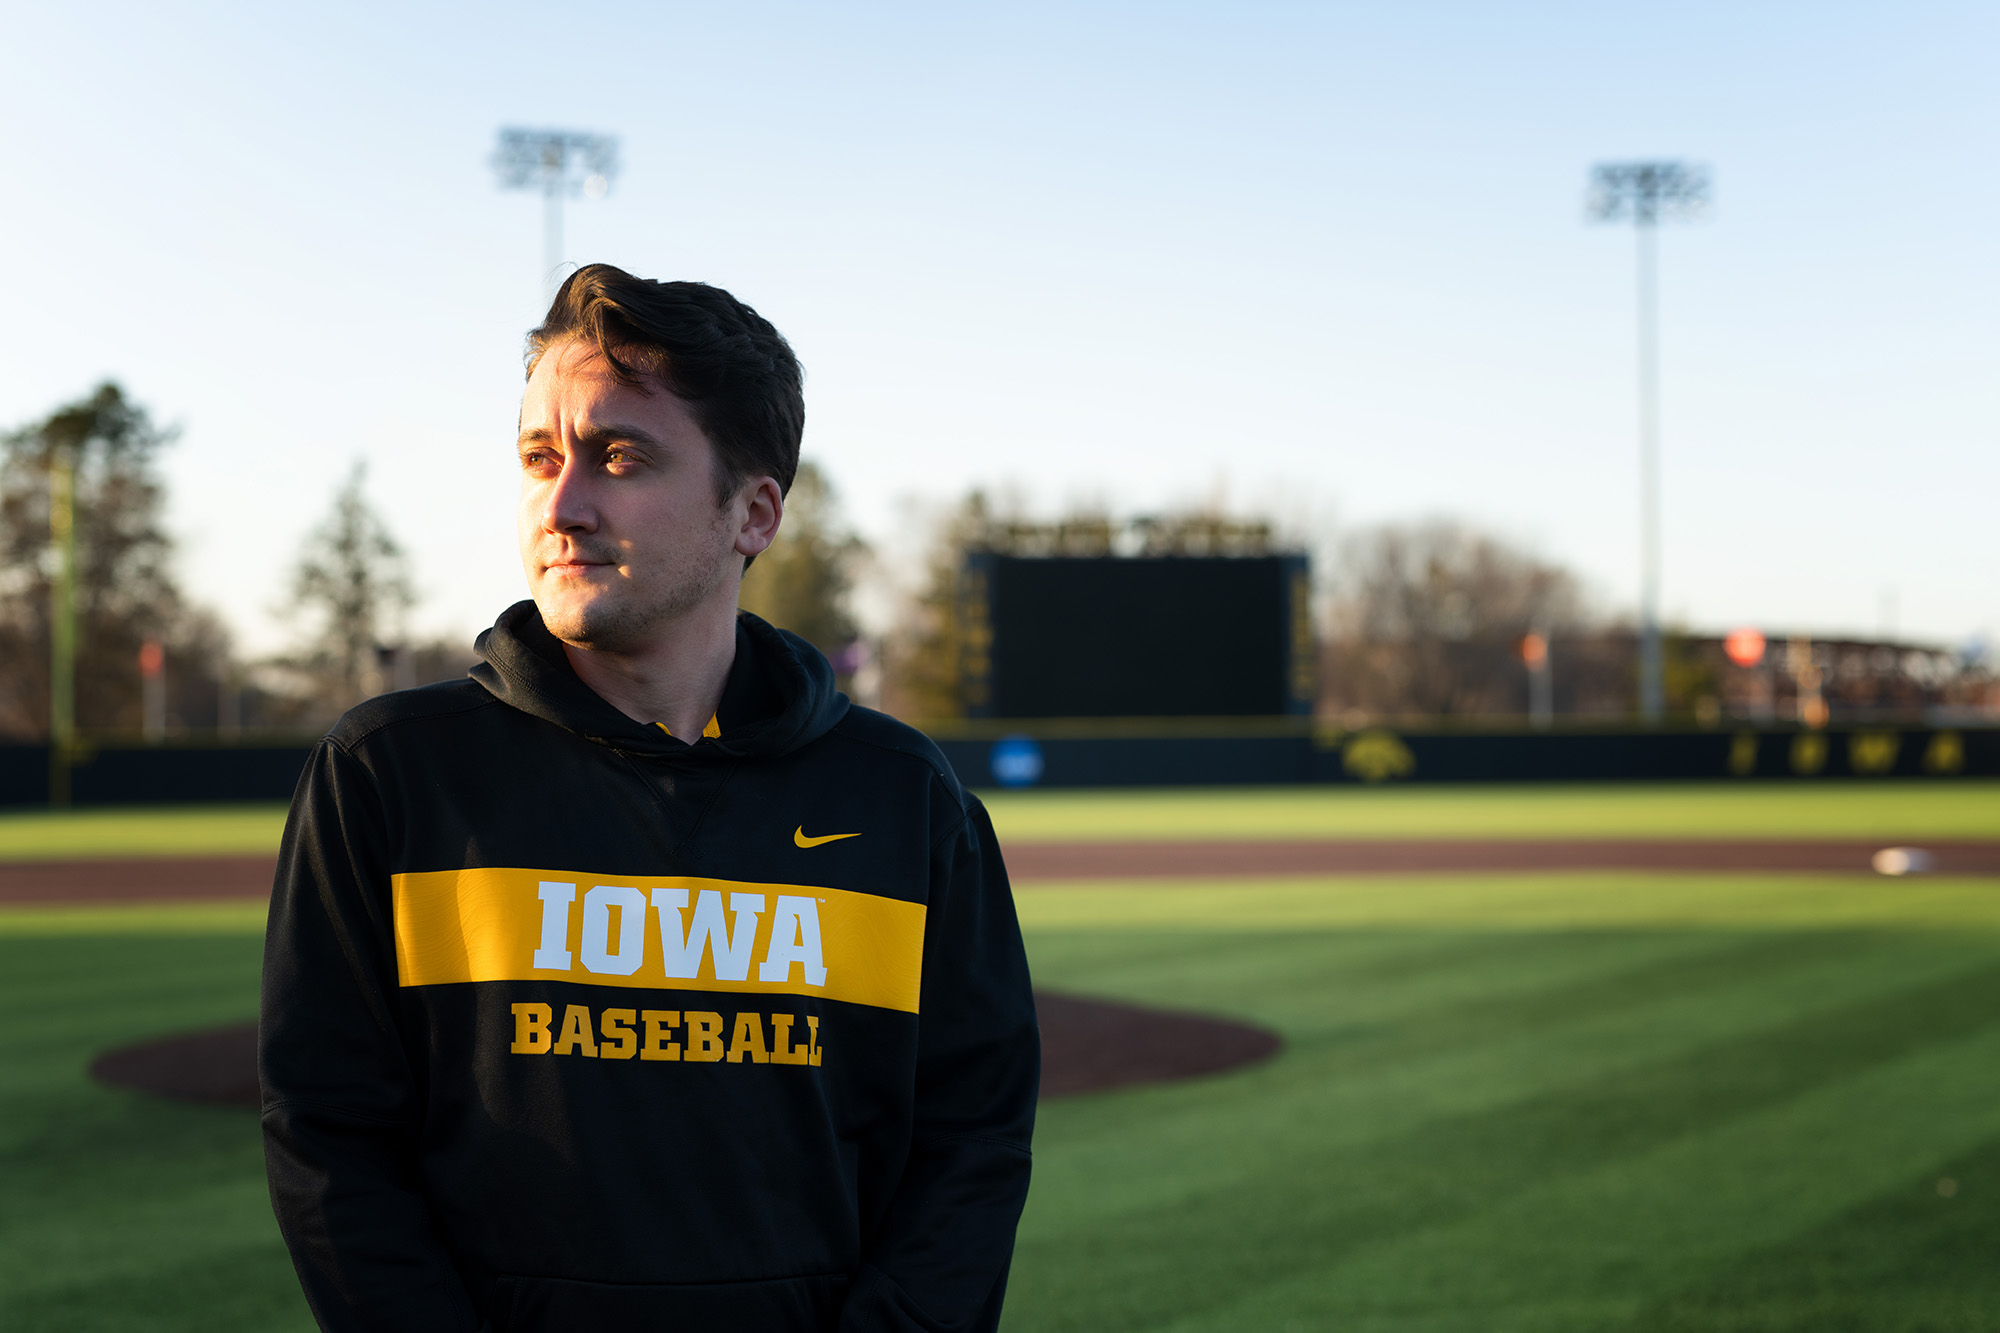 University of Iowa business analytics student and Iowa baseball staff member Sam Bornstein at Duane Banks Field